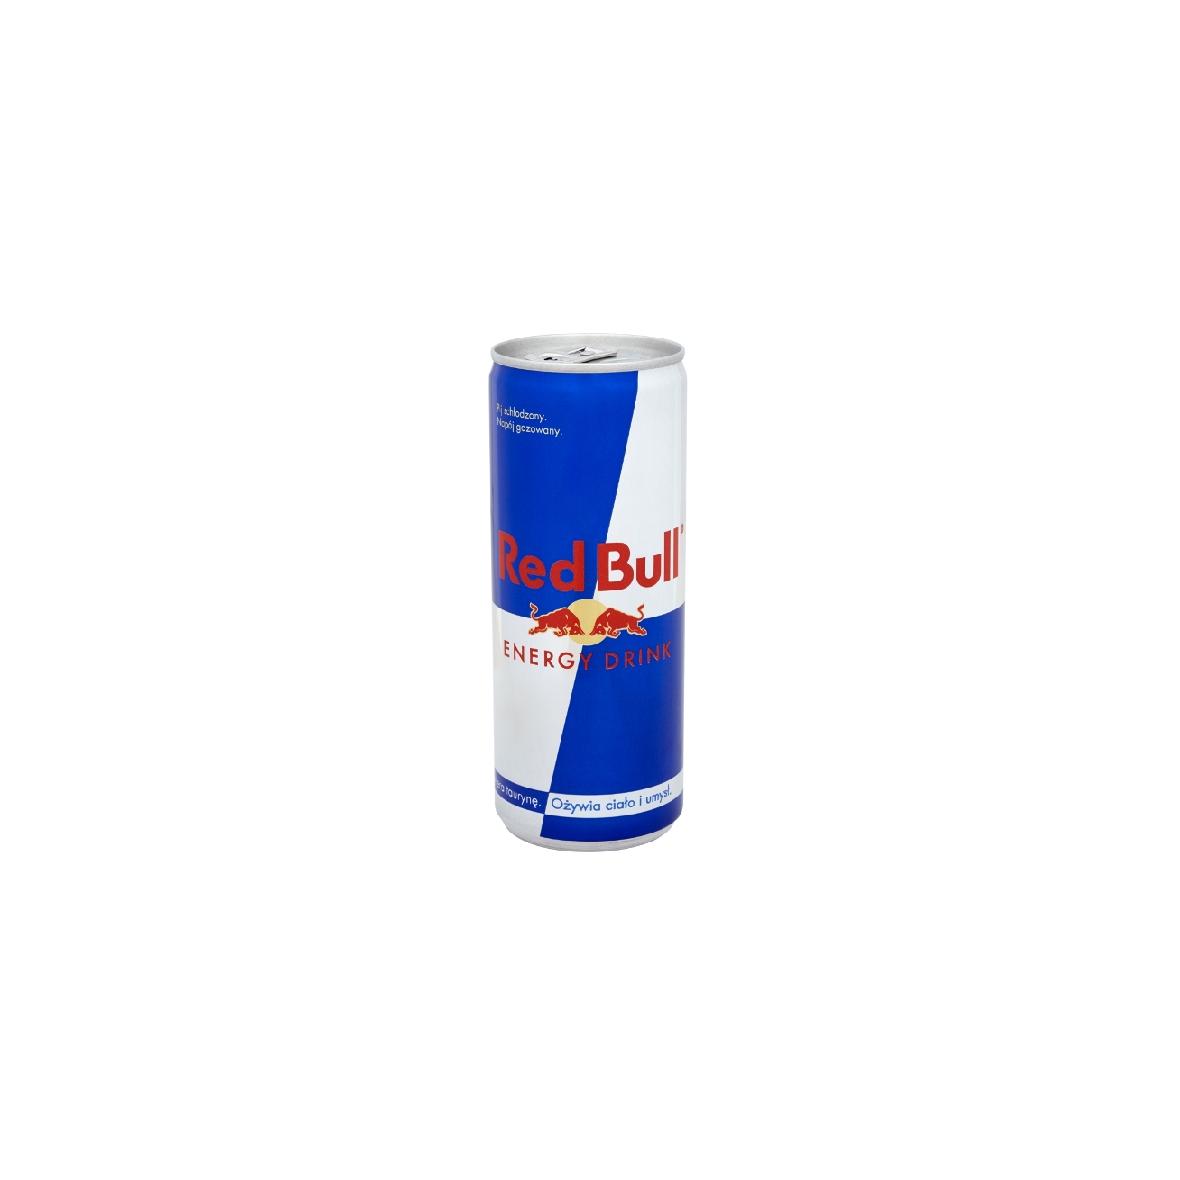 napoj-energetyczny-red-bull-puszka-250ml-oferta-hurtowa